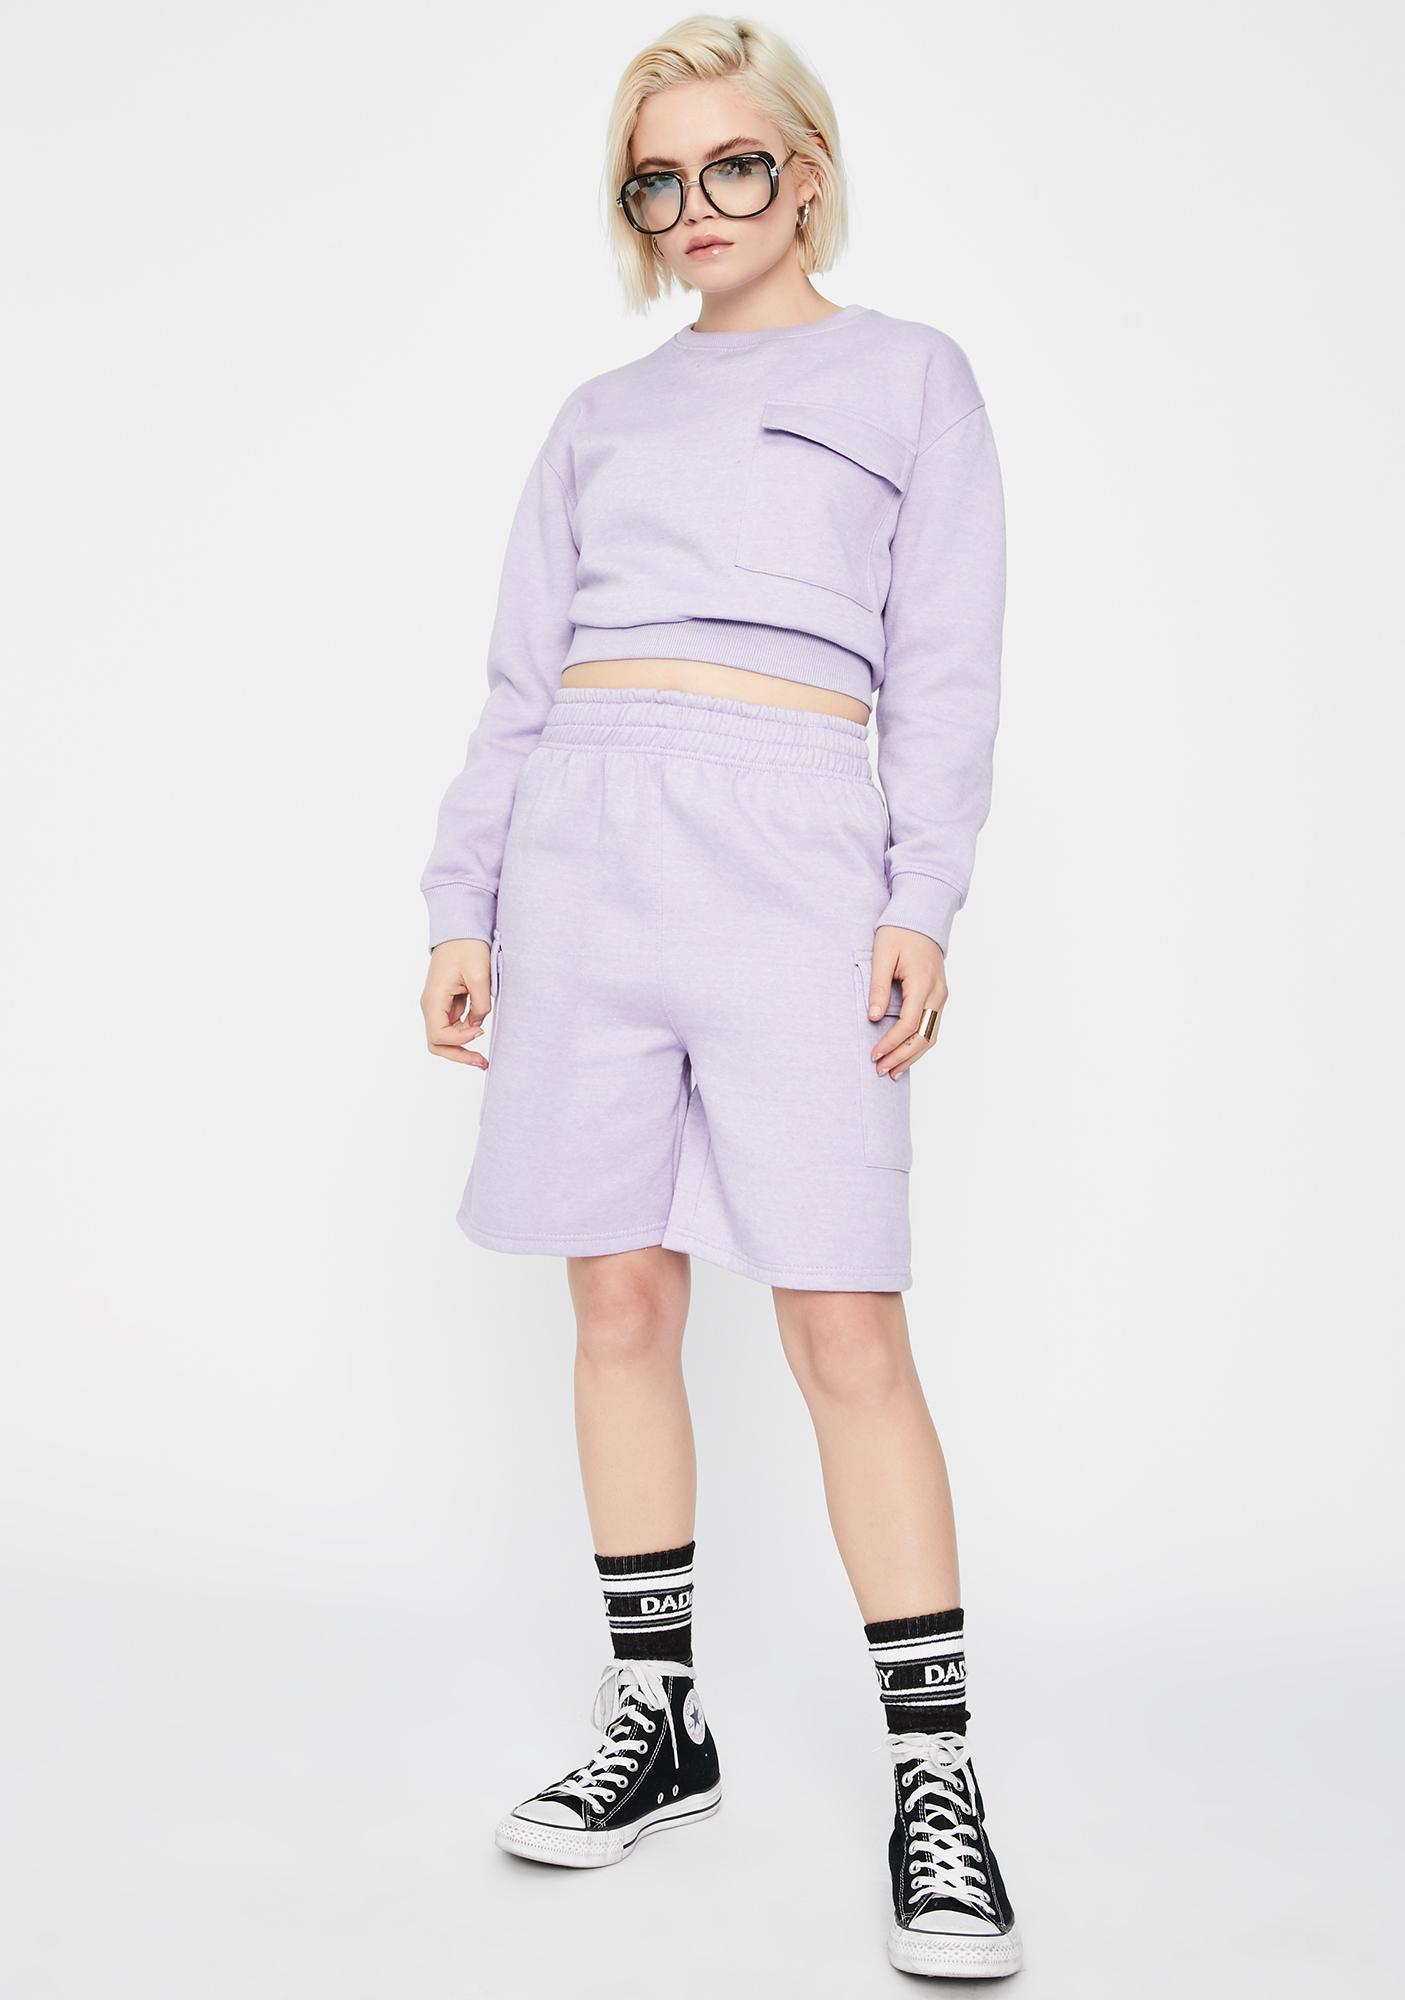 Daisy Street Boxy Sweatshirt With Pocket